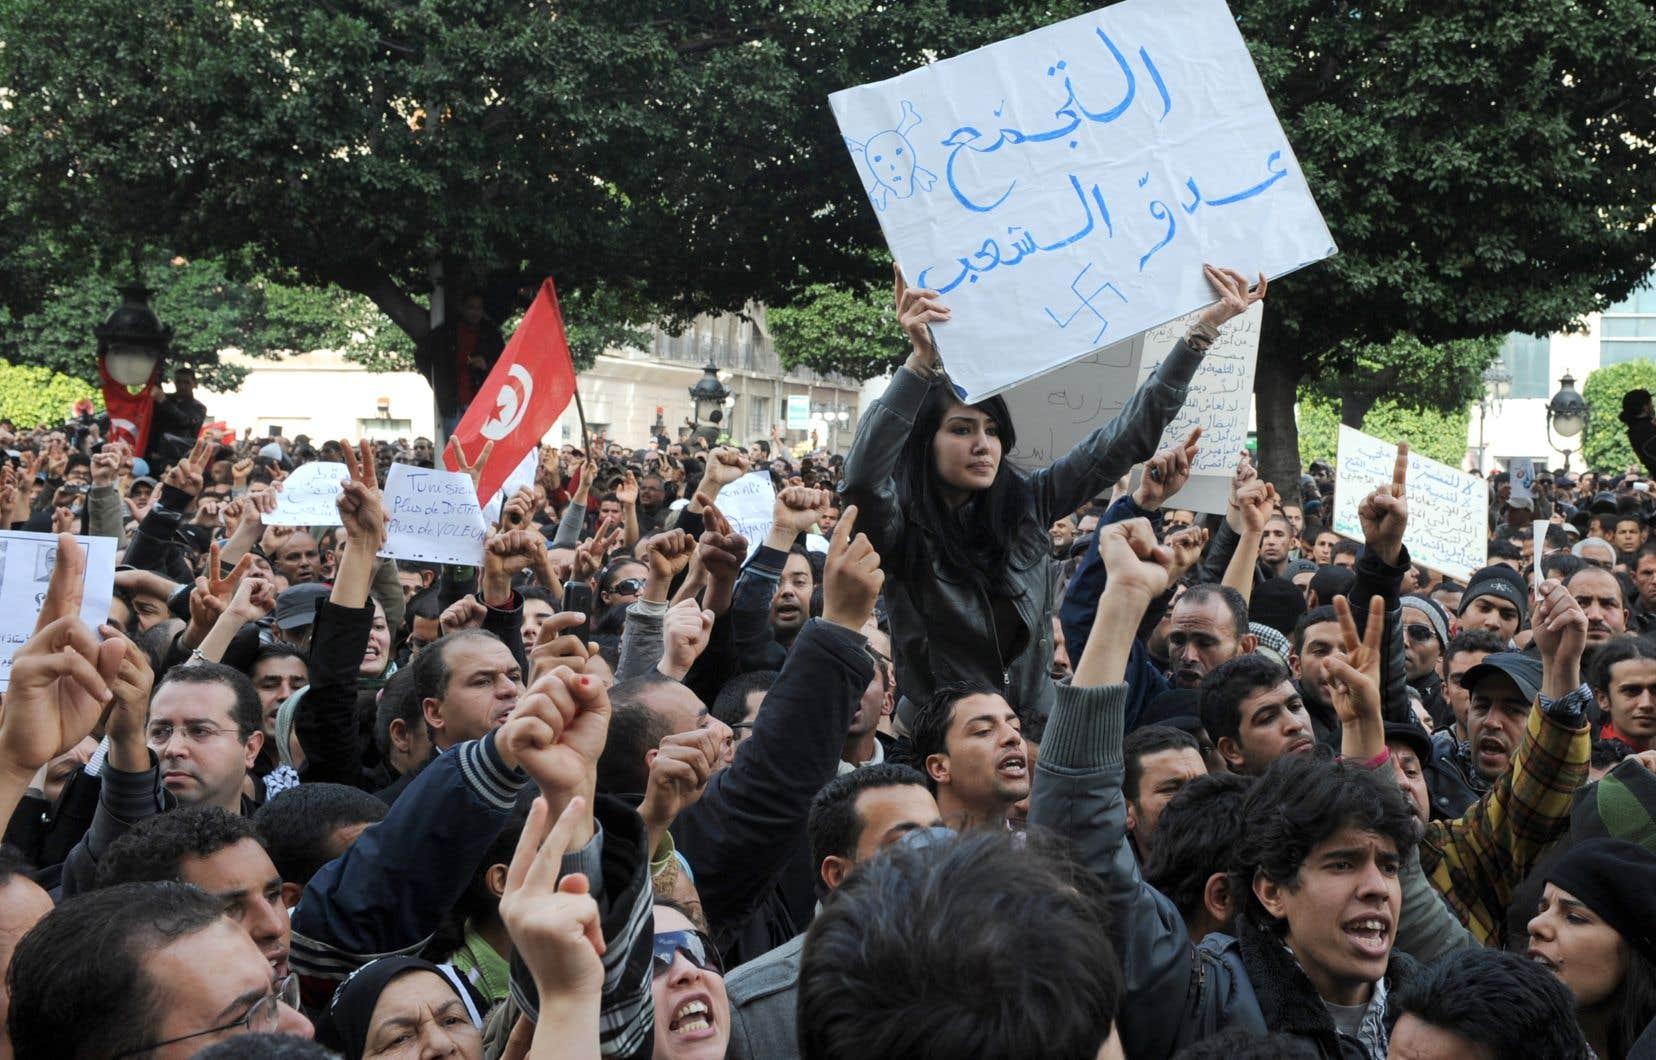 «Le 14janvier 2011, après à peine un mois de manifestations, les Tunisiens ont en effet constaté avec stupeur la fin d'un règne sans partage de 23ans sur leur pays», écrit l'auteur.